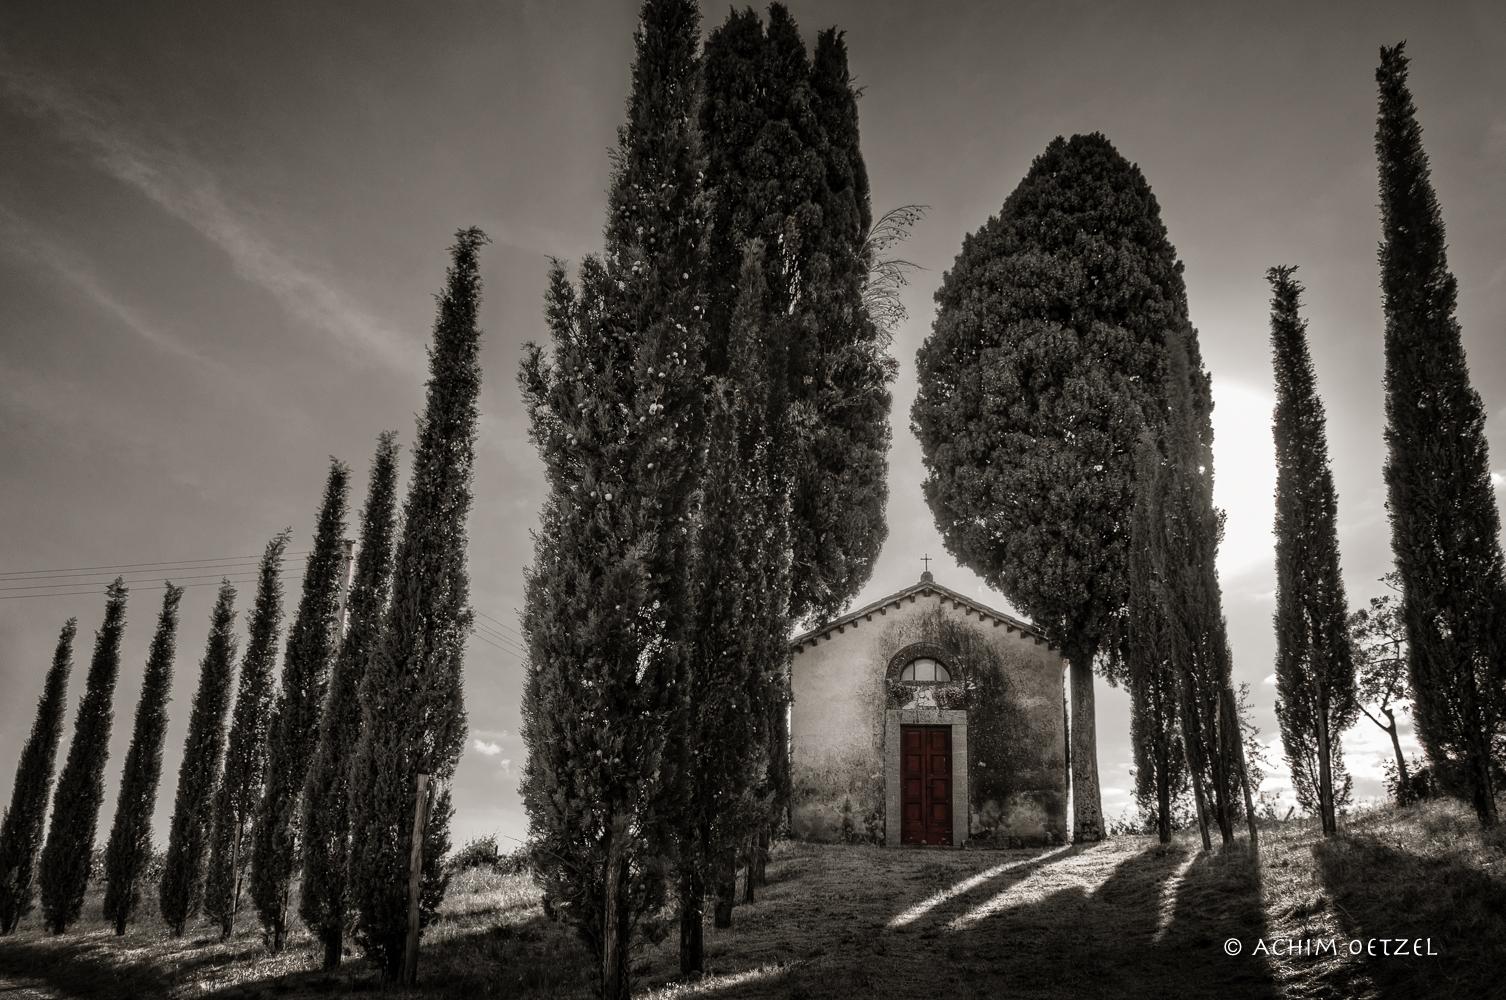 Toscana - sul bordo della strada